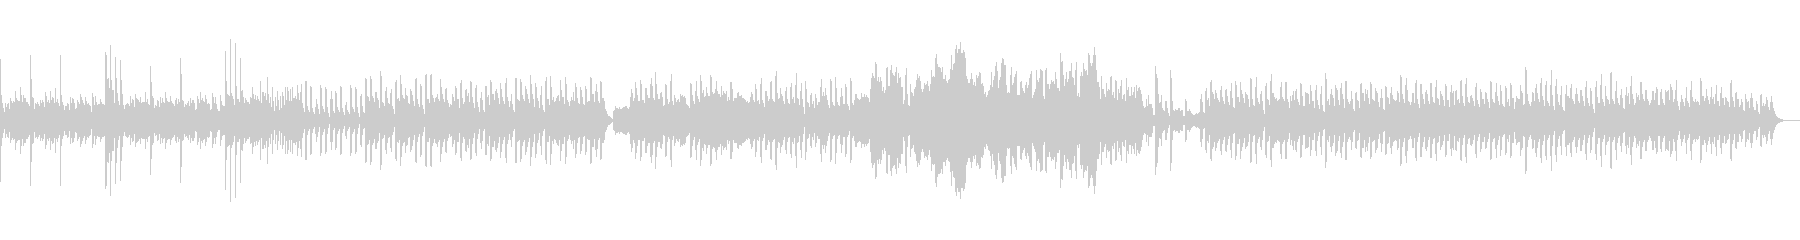 シンセがメロディを担当する可愛らしい曲の未再生の波形